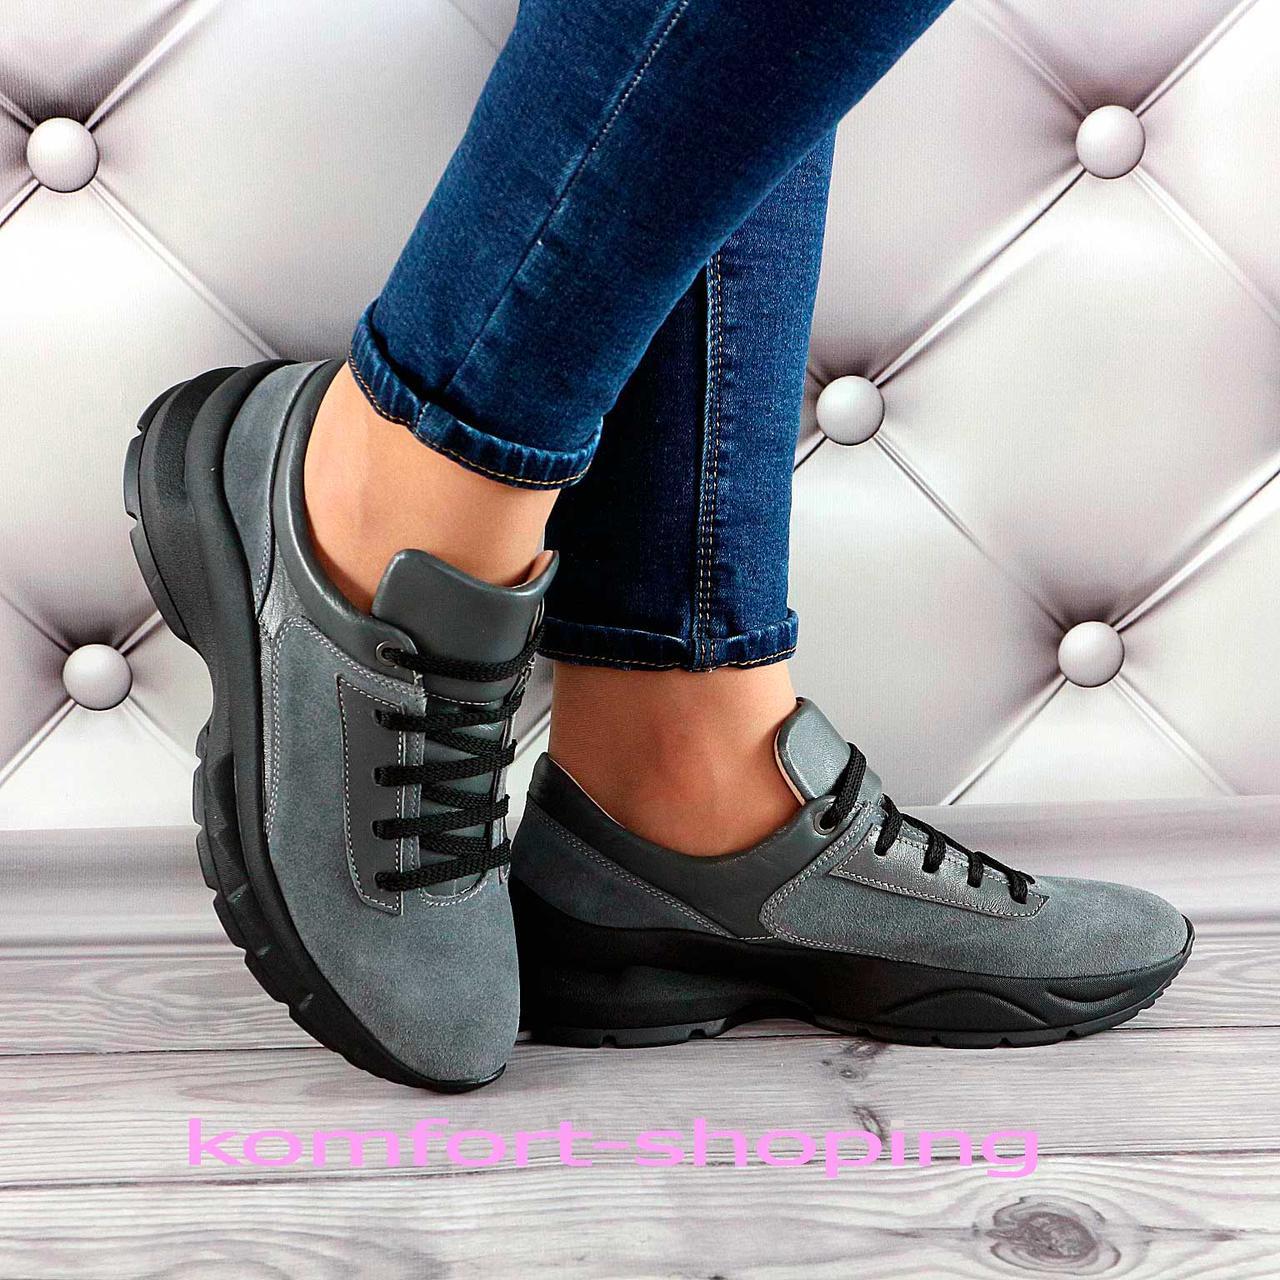 Жіночі кросівки на шнурівці замша+шкіра, сірі V 1381